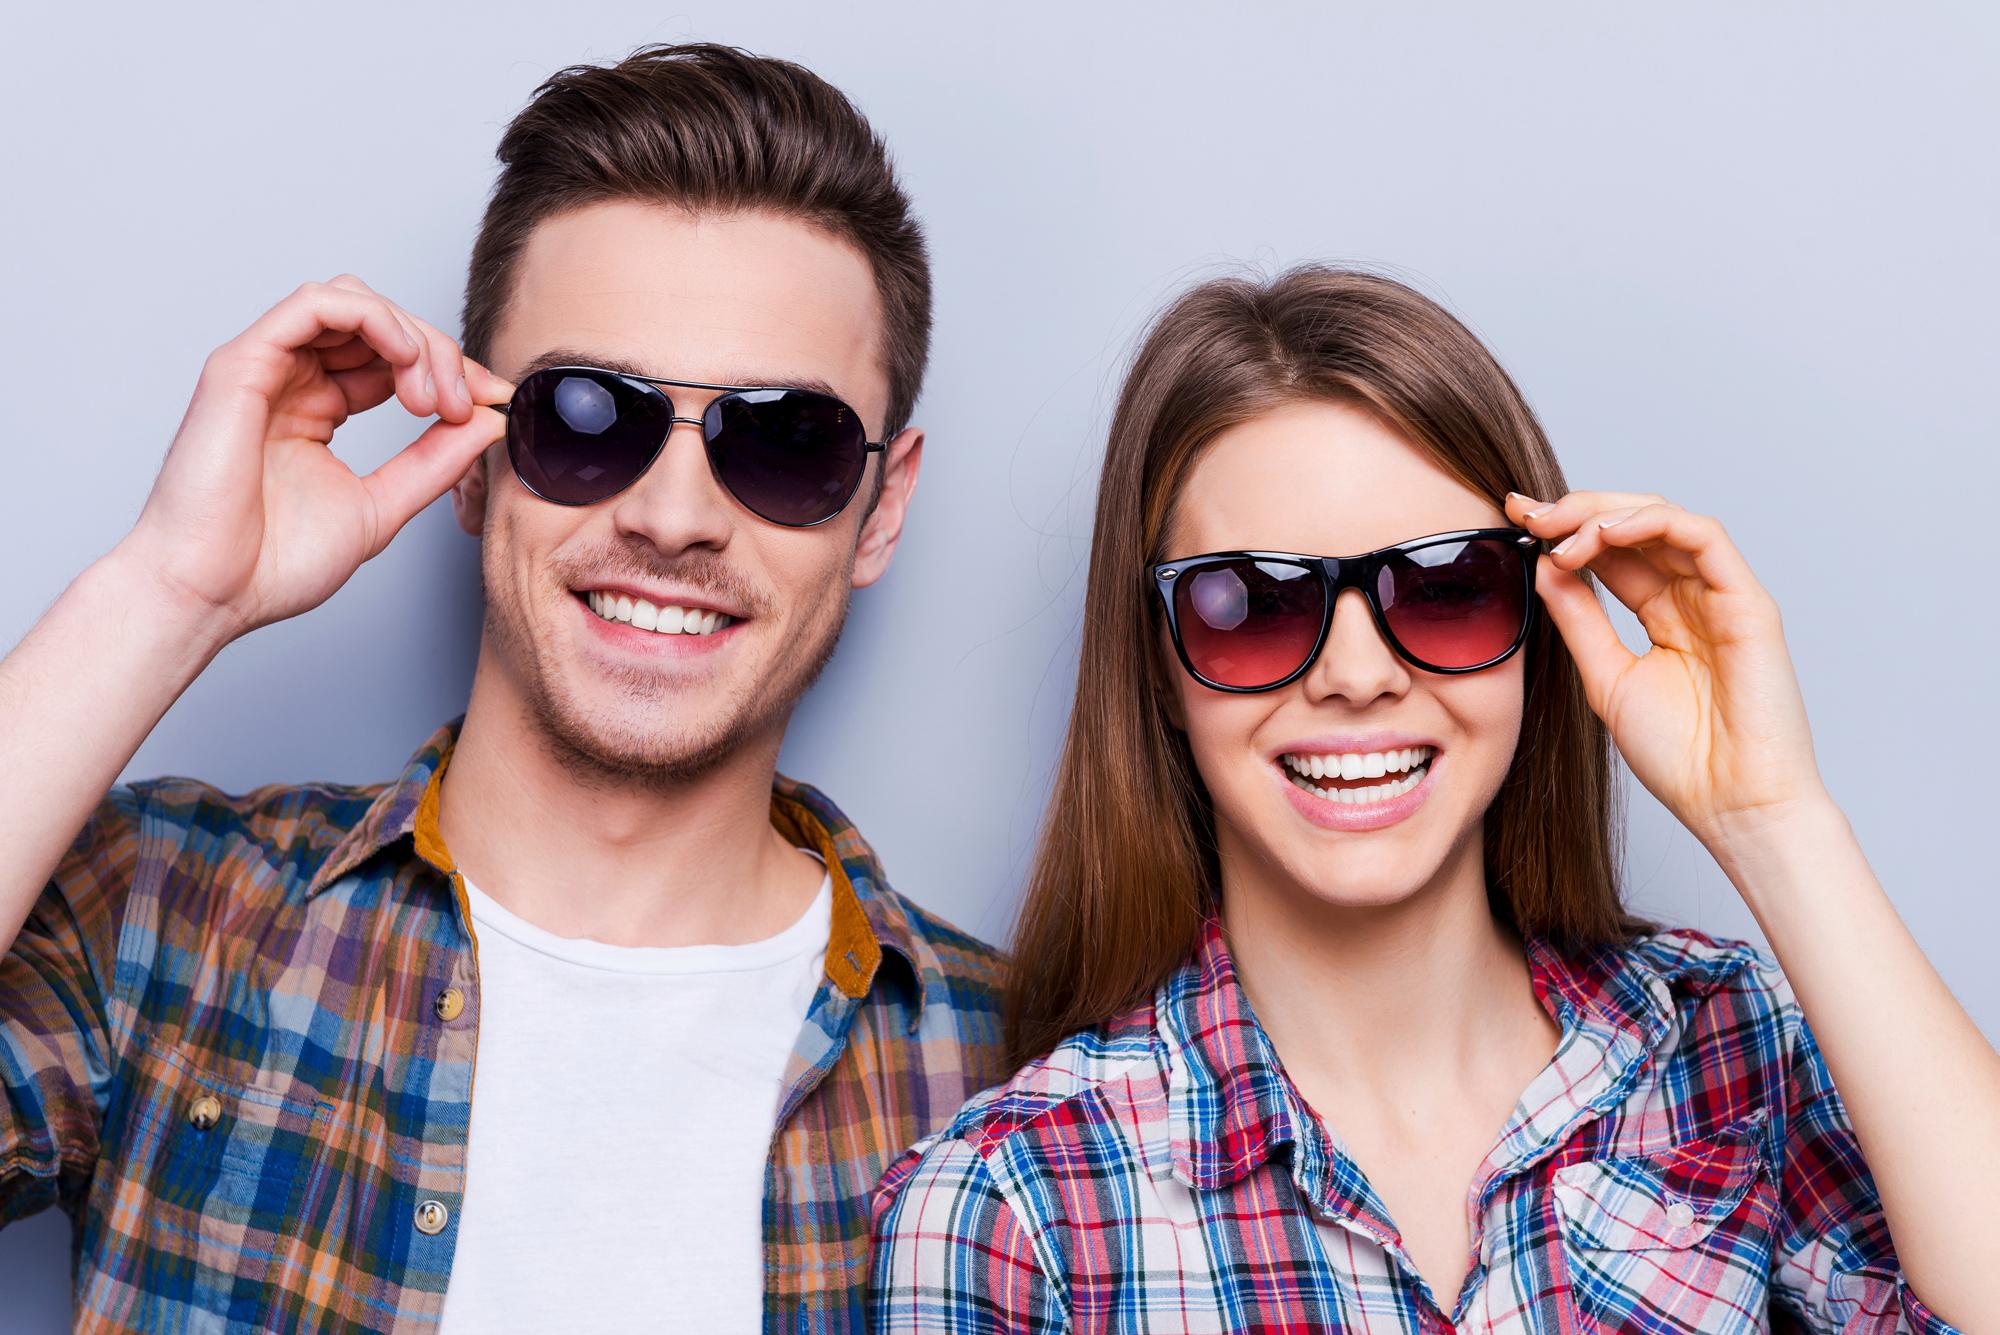 19c2f784b Óculos de sol: a melhor escolha | Notas Em Dia